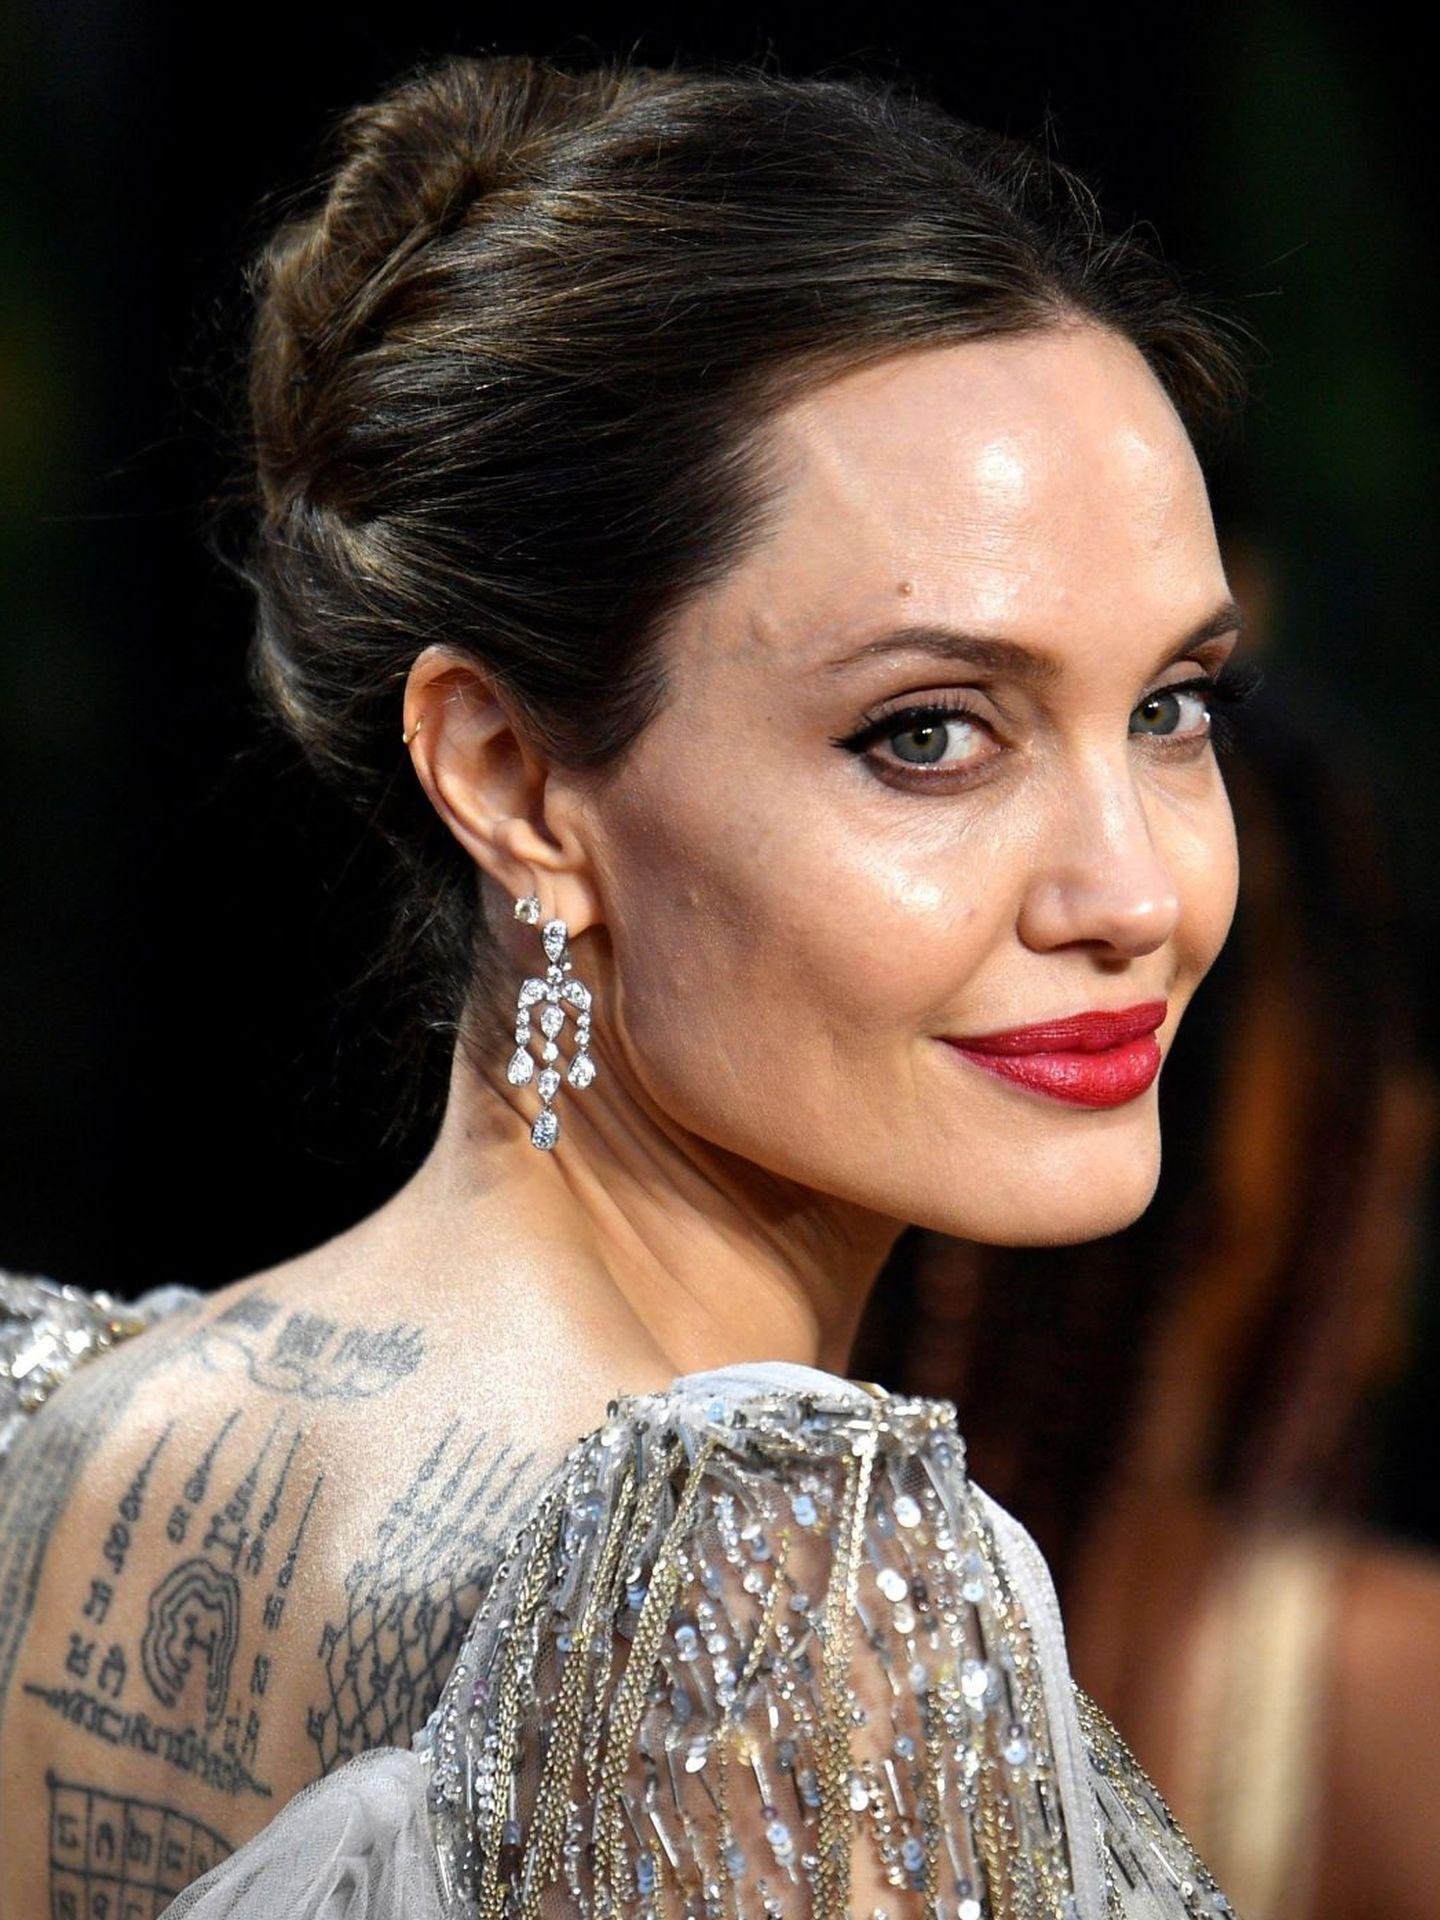 Angelina Jolie acostumbra a utilizar bases de maquillaje con tratamiento para un acabado más jugoso y una sensación más cómoda. (EFE)